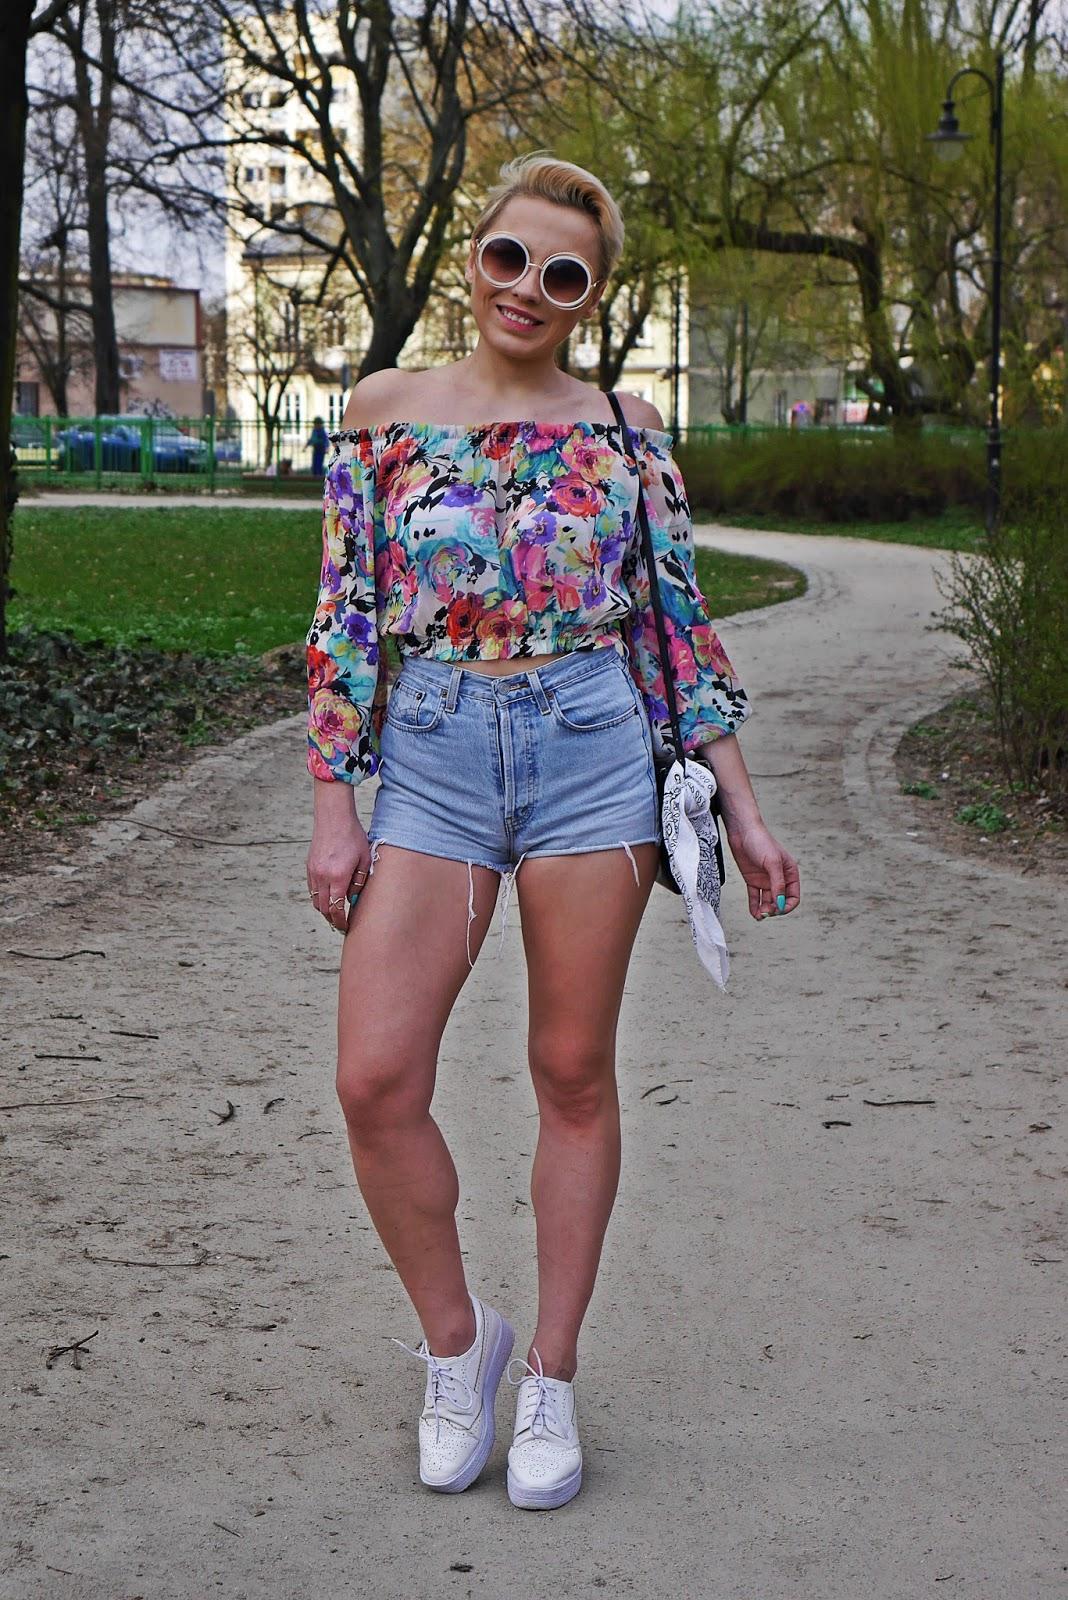 szorty_z-wysokim_stanem_koszulka_bez_ramion_platformy_biale_karyn_blog_110417gh